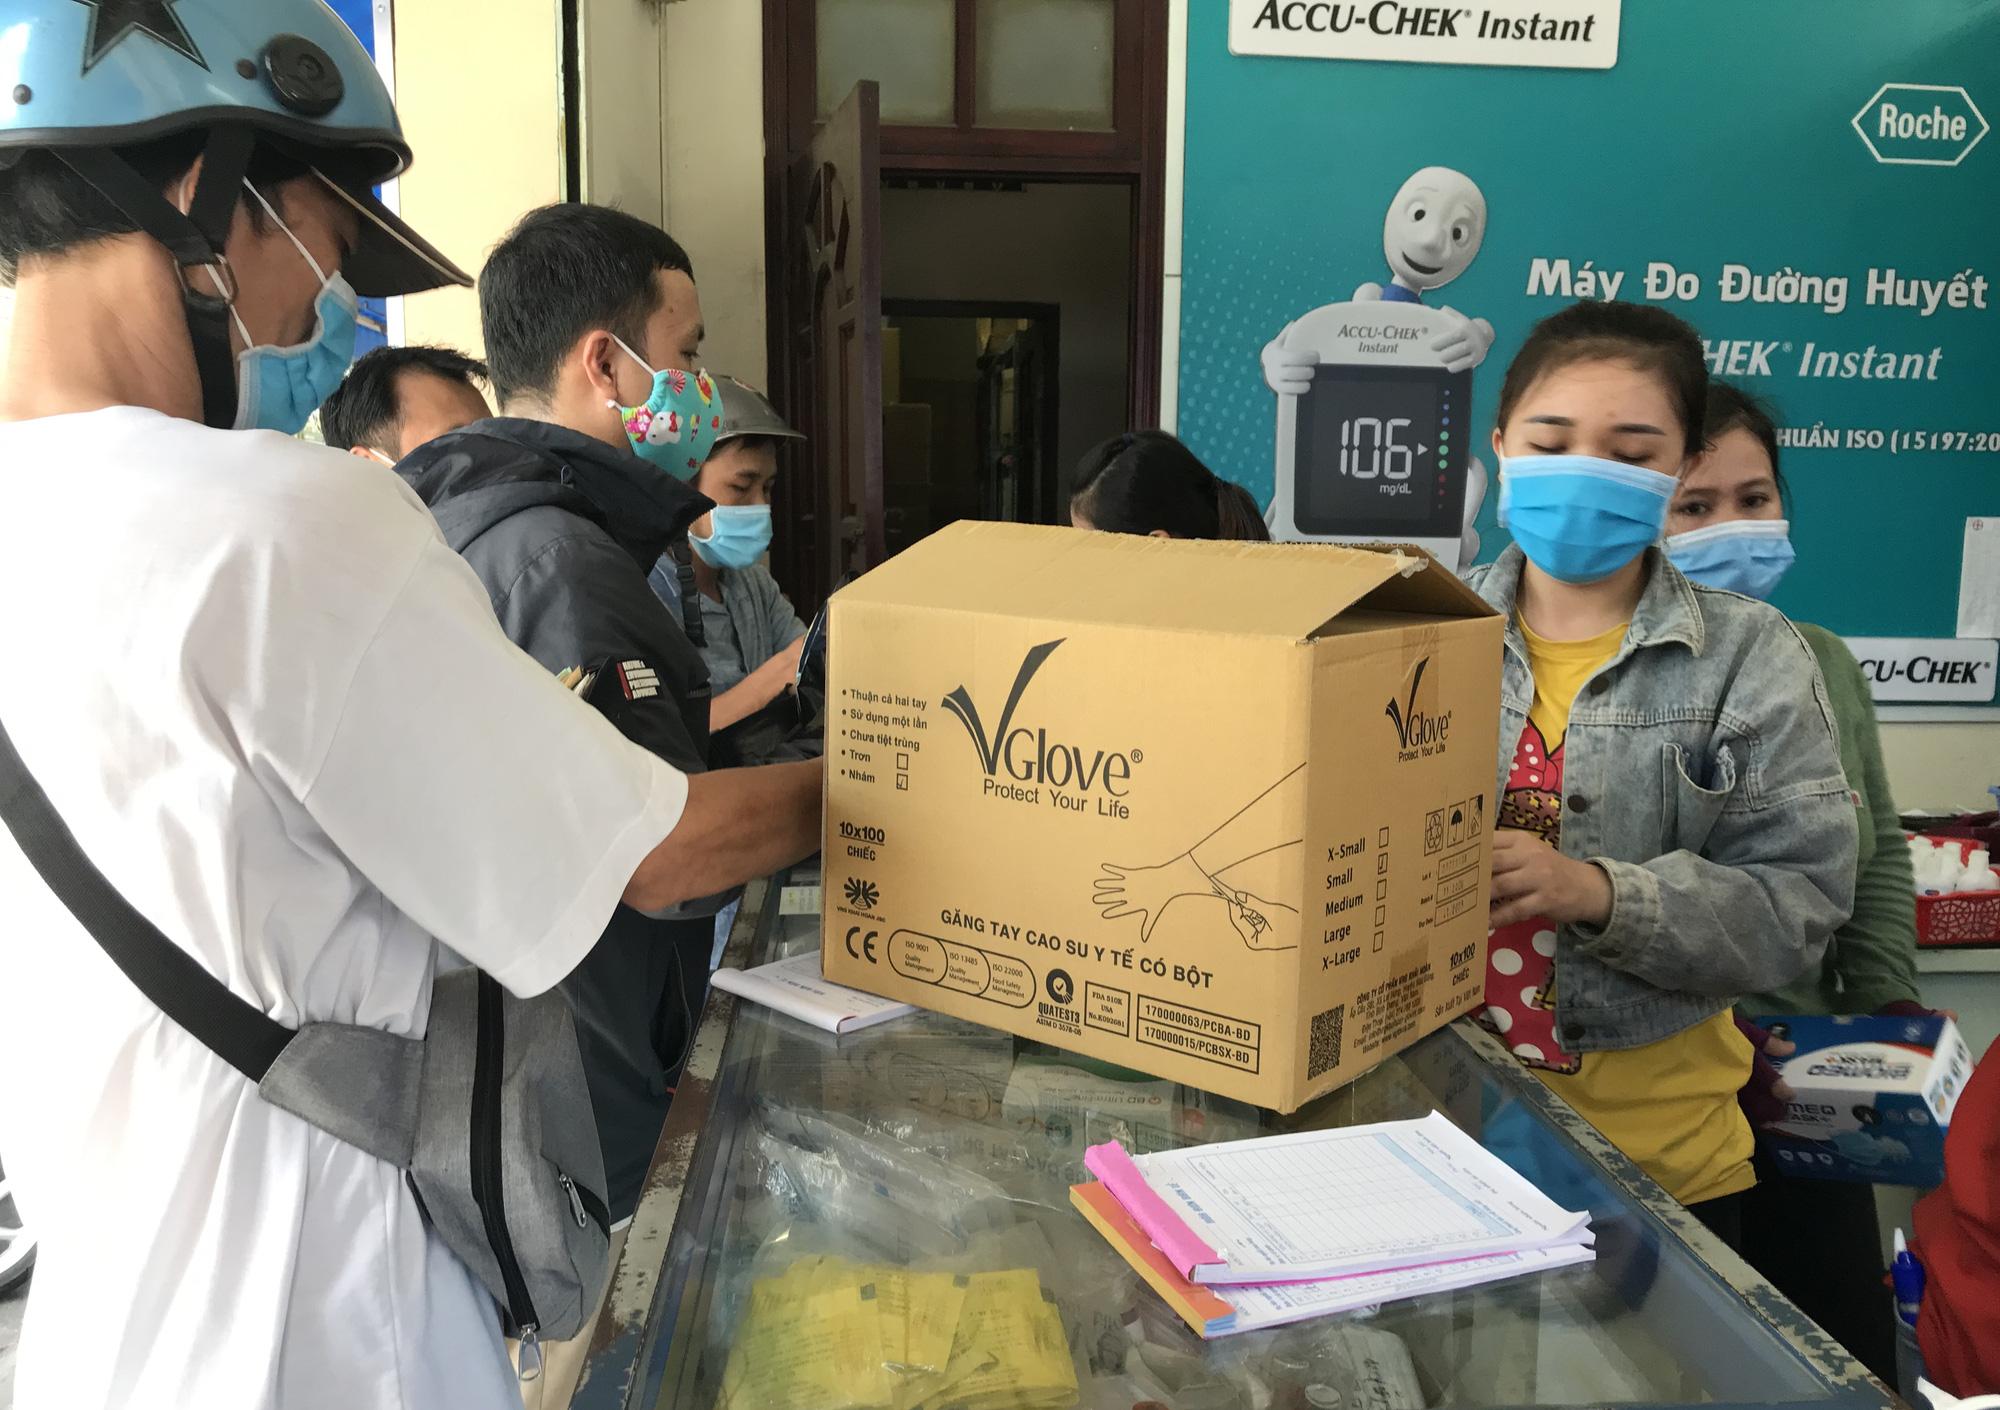 Covid-19 tại TP.HCM: Người dân lại ùn ùn kéo đi mua khẩu trang y tế - Ảnh 1.